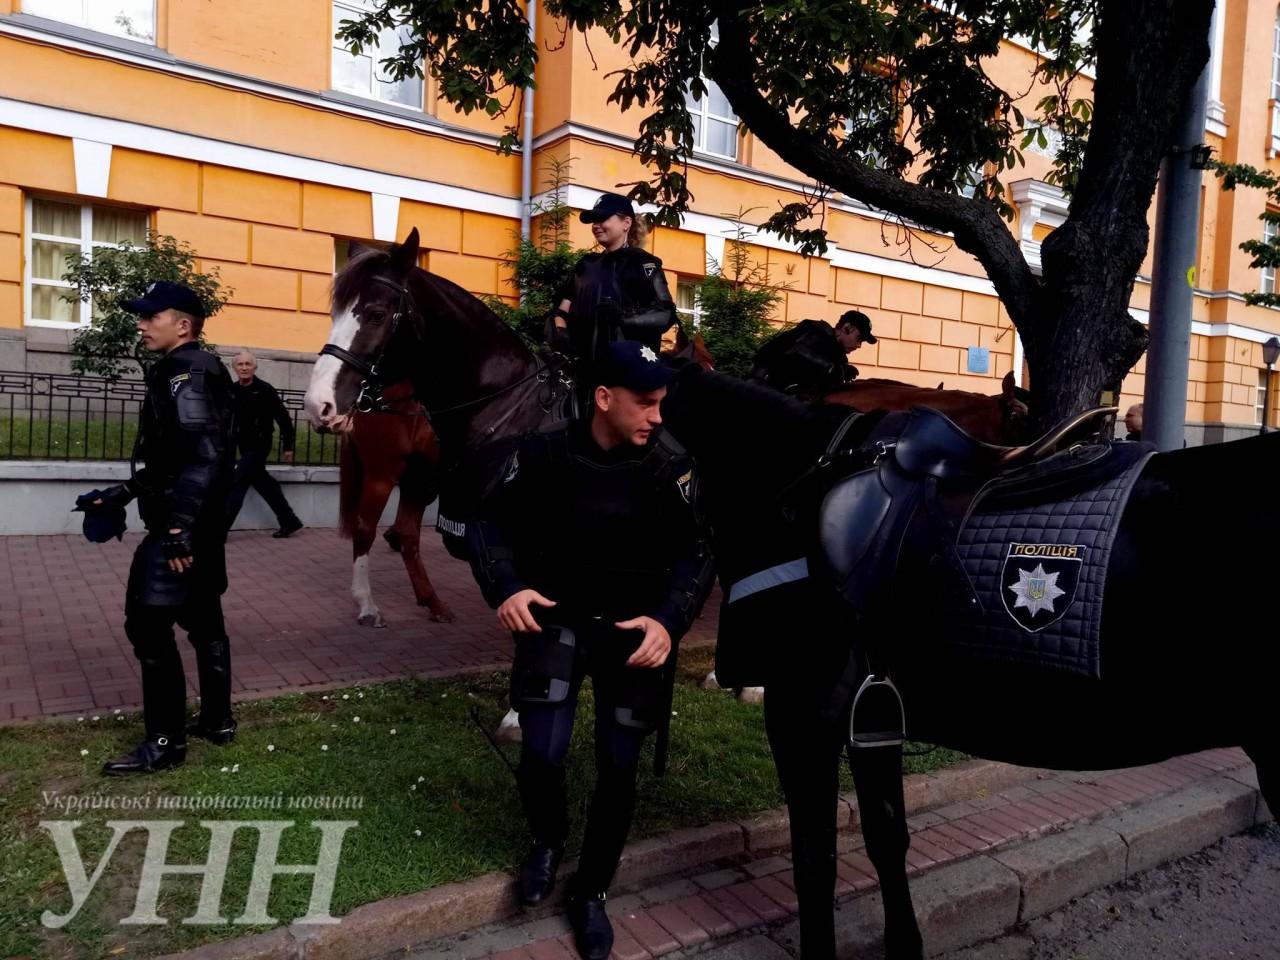 УКиєві стартував Марш рівності, маршрут руху змінено через протести